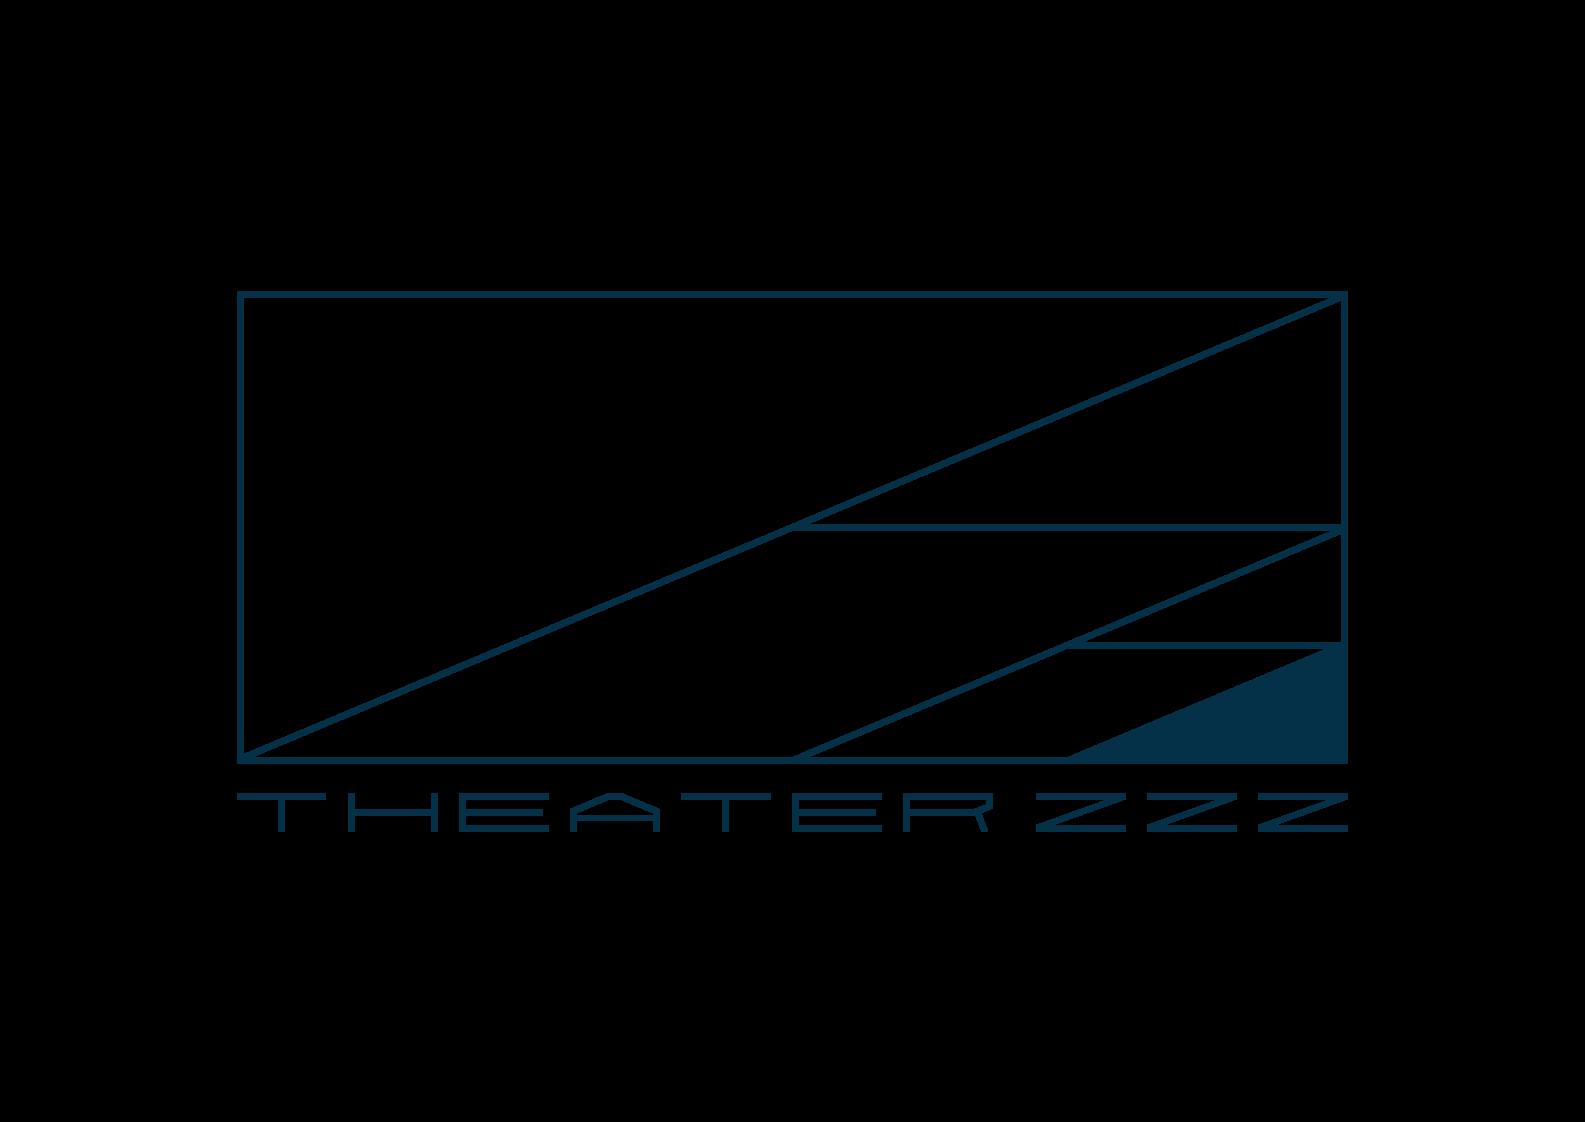 泊まれるシアター Theater Zzz